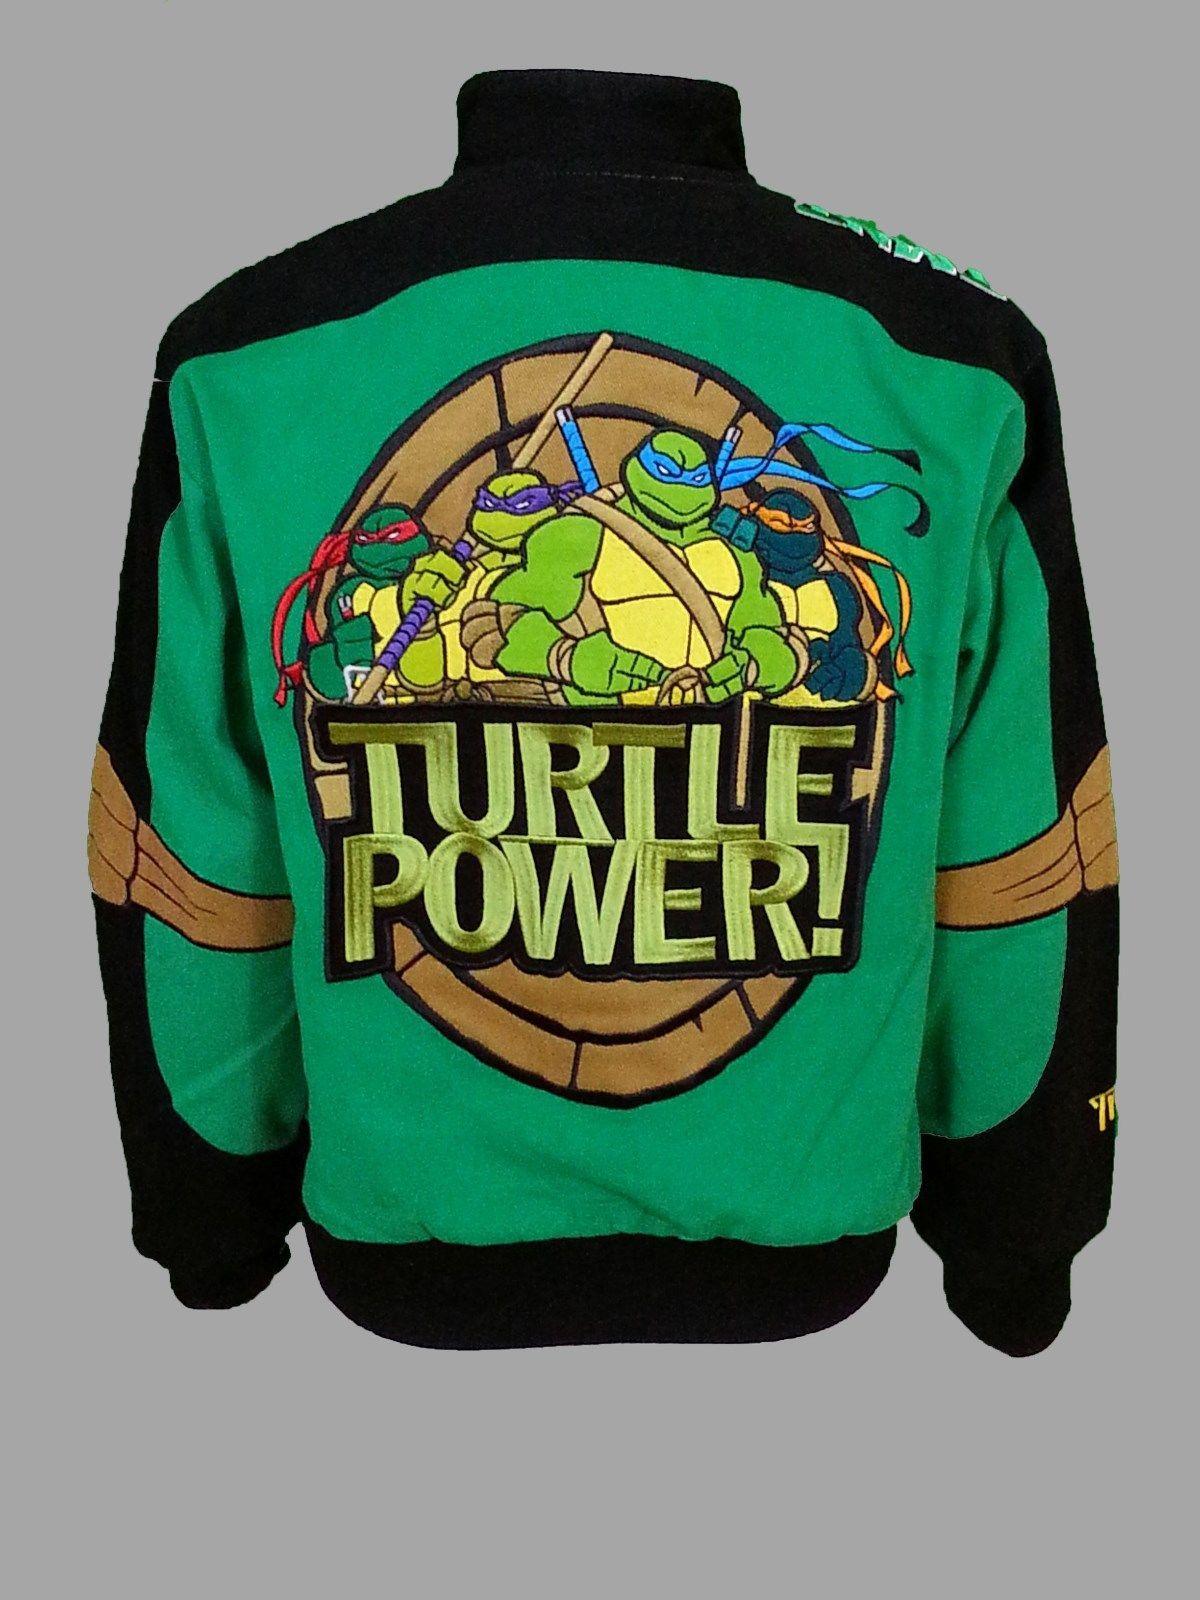 Ninja turtle jacket